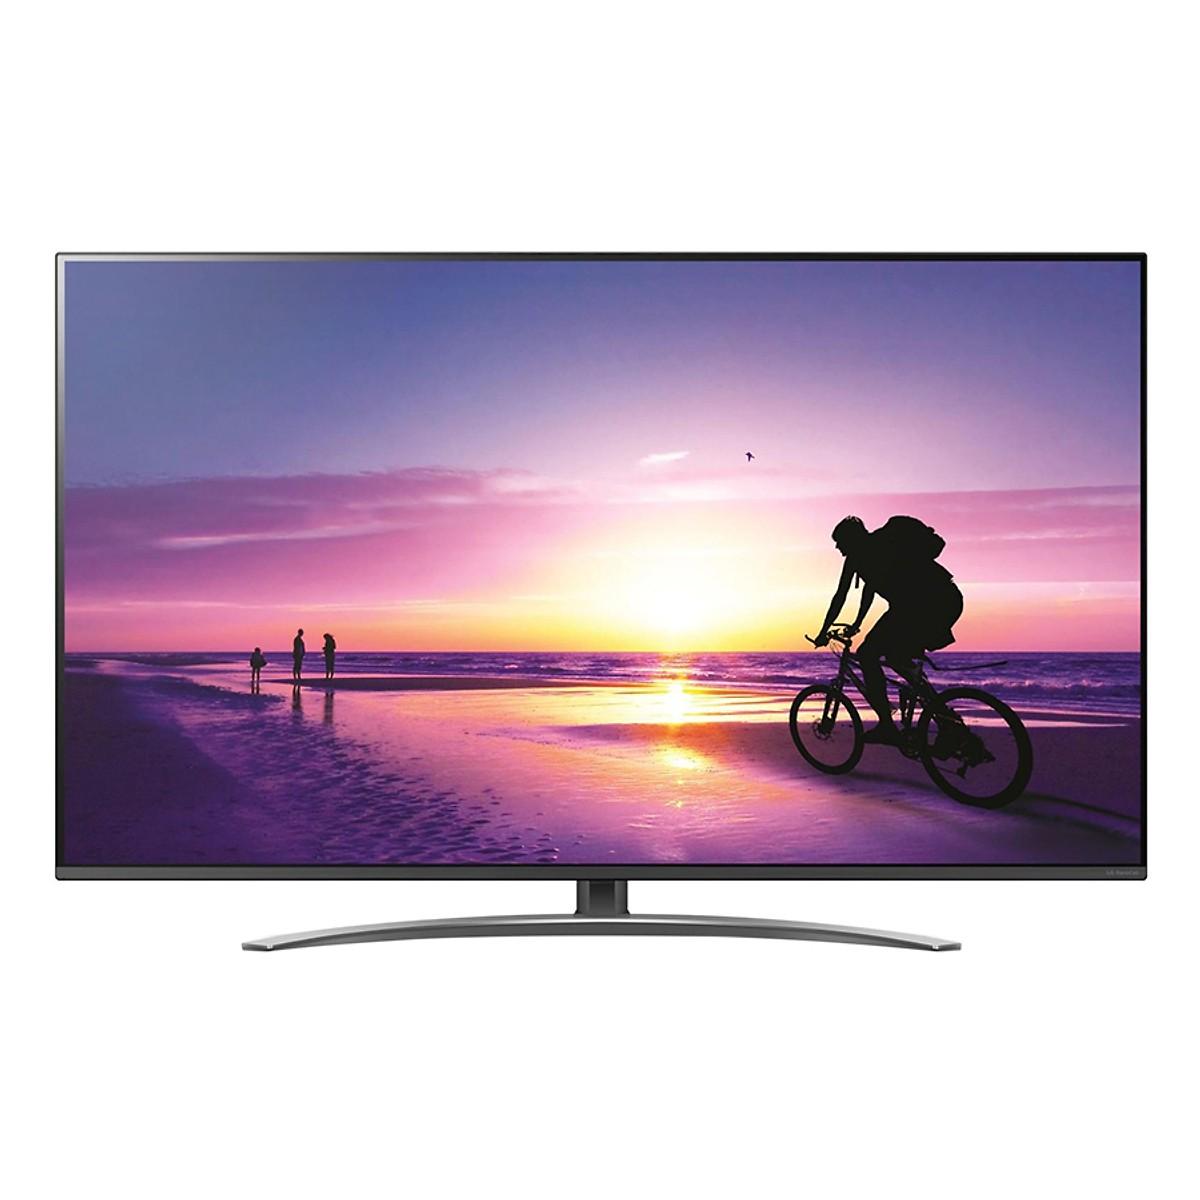 Smart Tivi LG 55 inch 4K UHD 55SM8100PTA - Hàng Chính Hãng + Tặng Khung Treo Cố Định